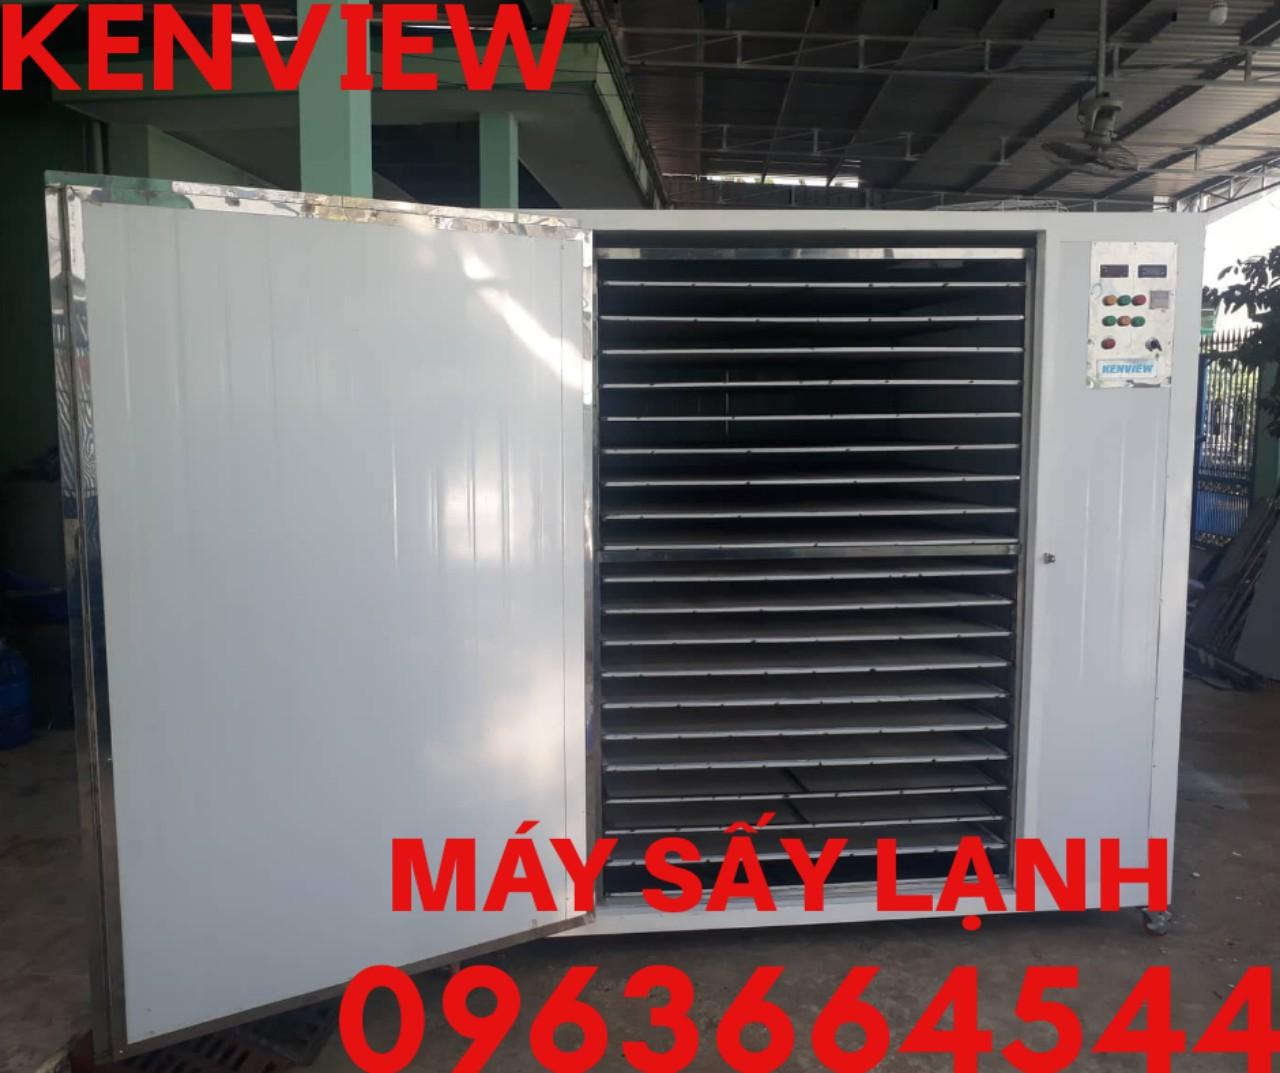 máy sấy lạnh MS 100 - 0963664544